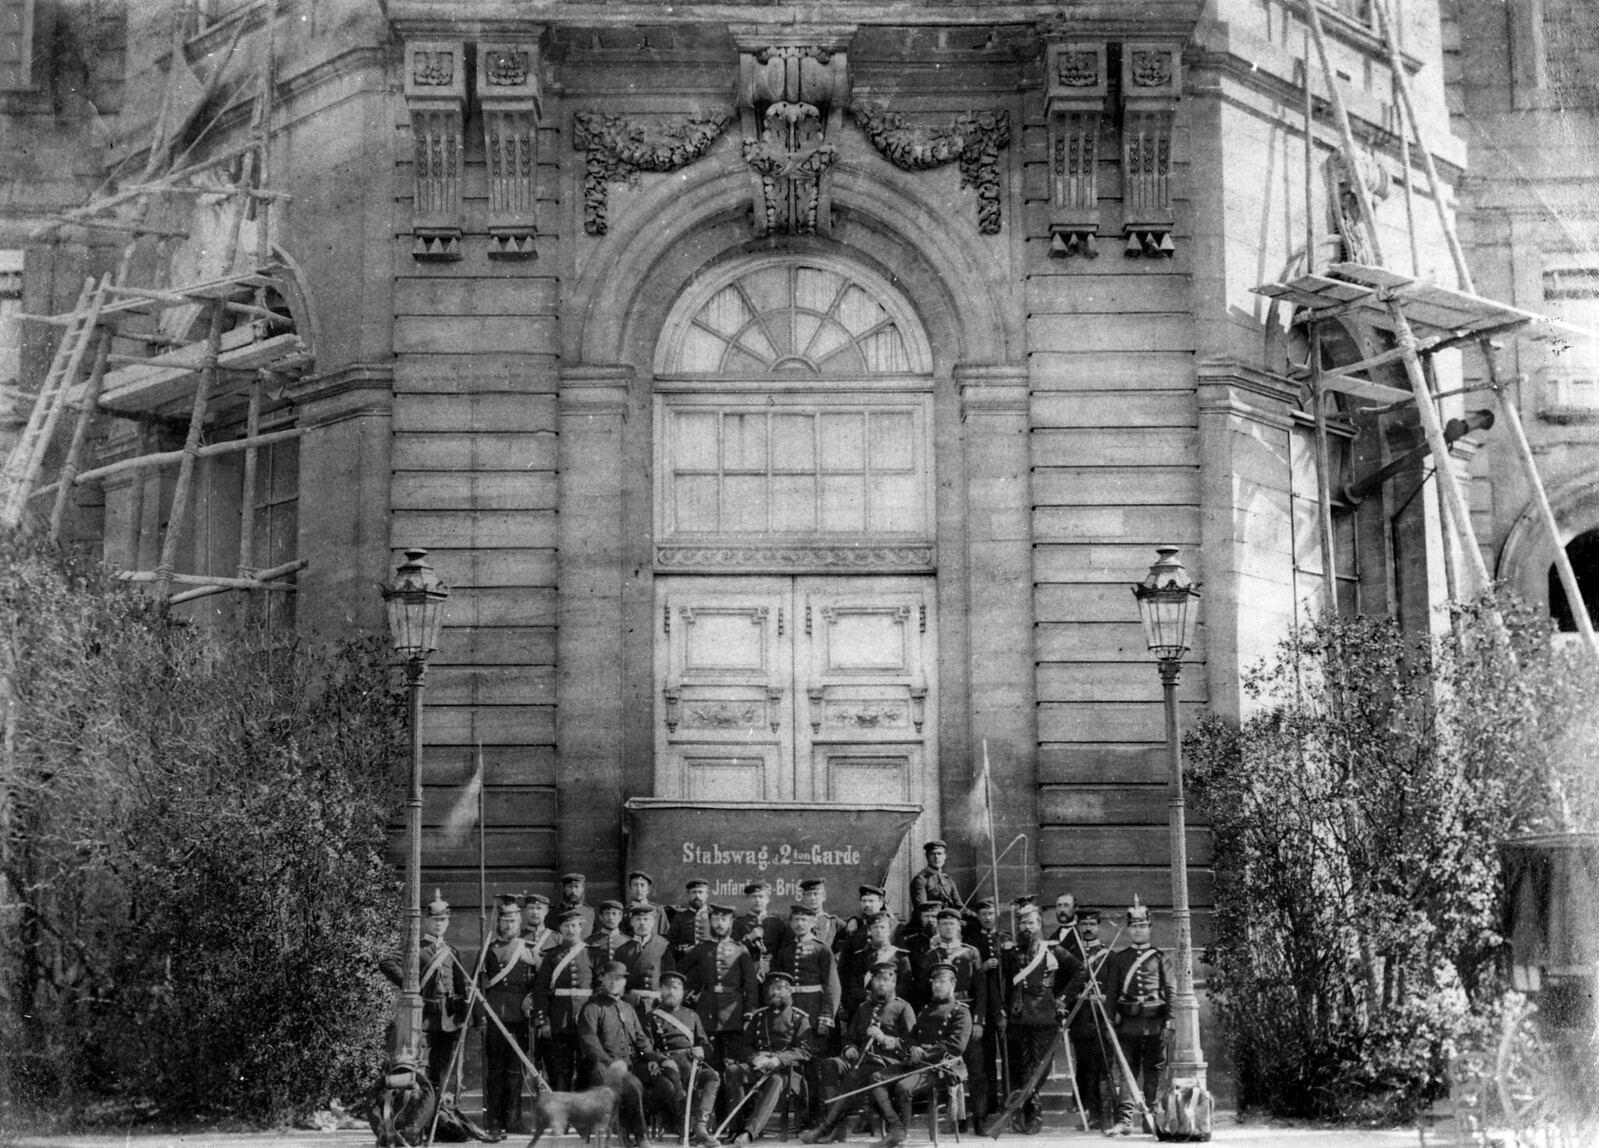 1871. Прусские солдаты 2-го пехотного полка позируют фотографу перед театром Мариньи во время оккупации Парижа